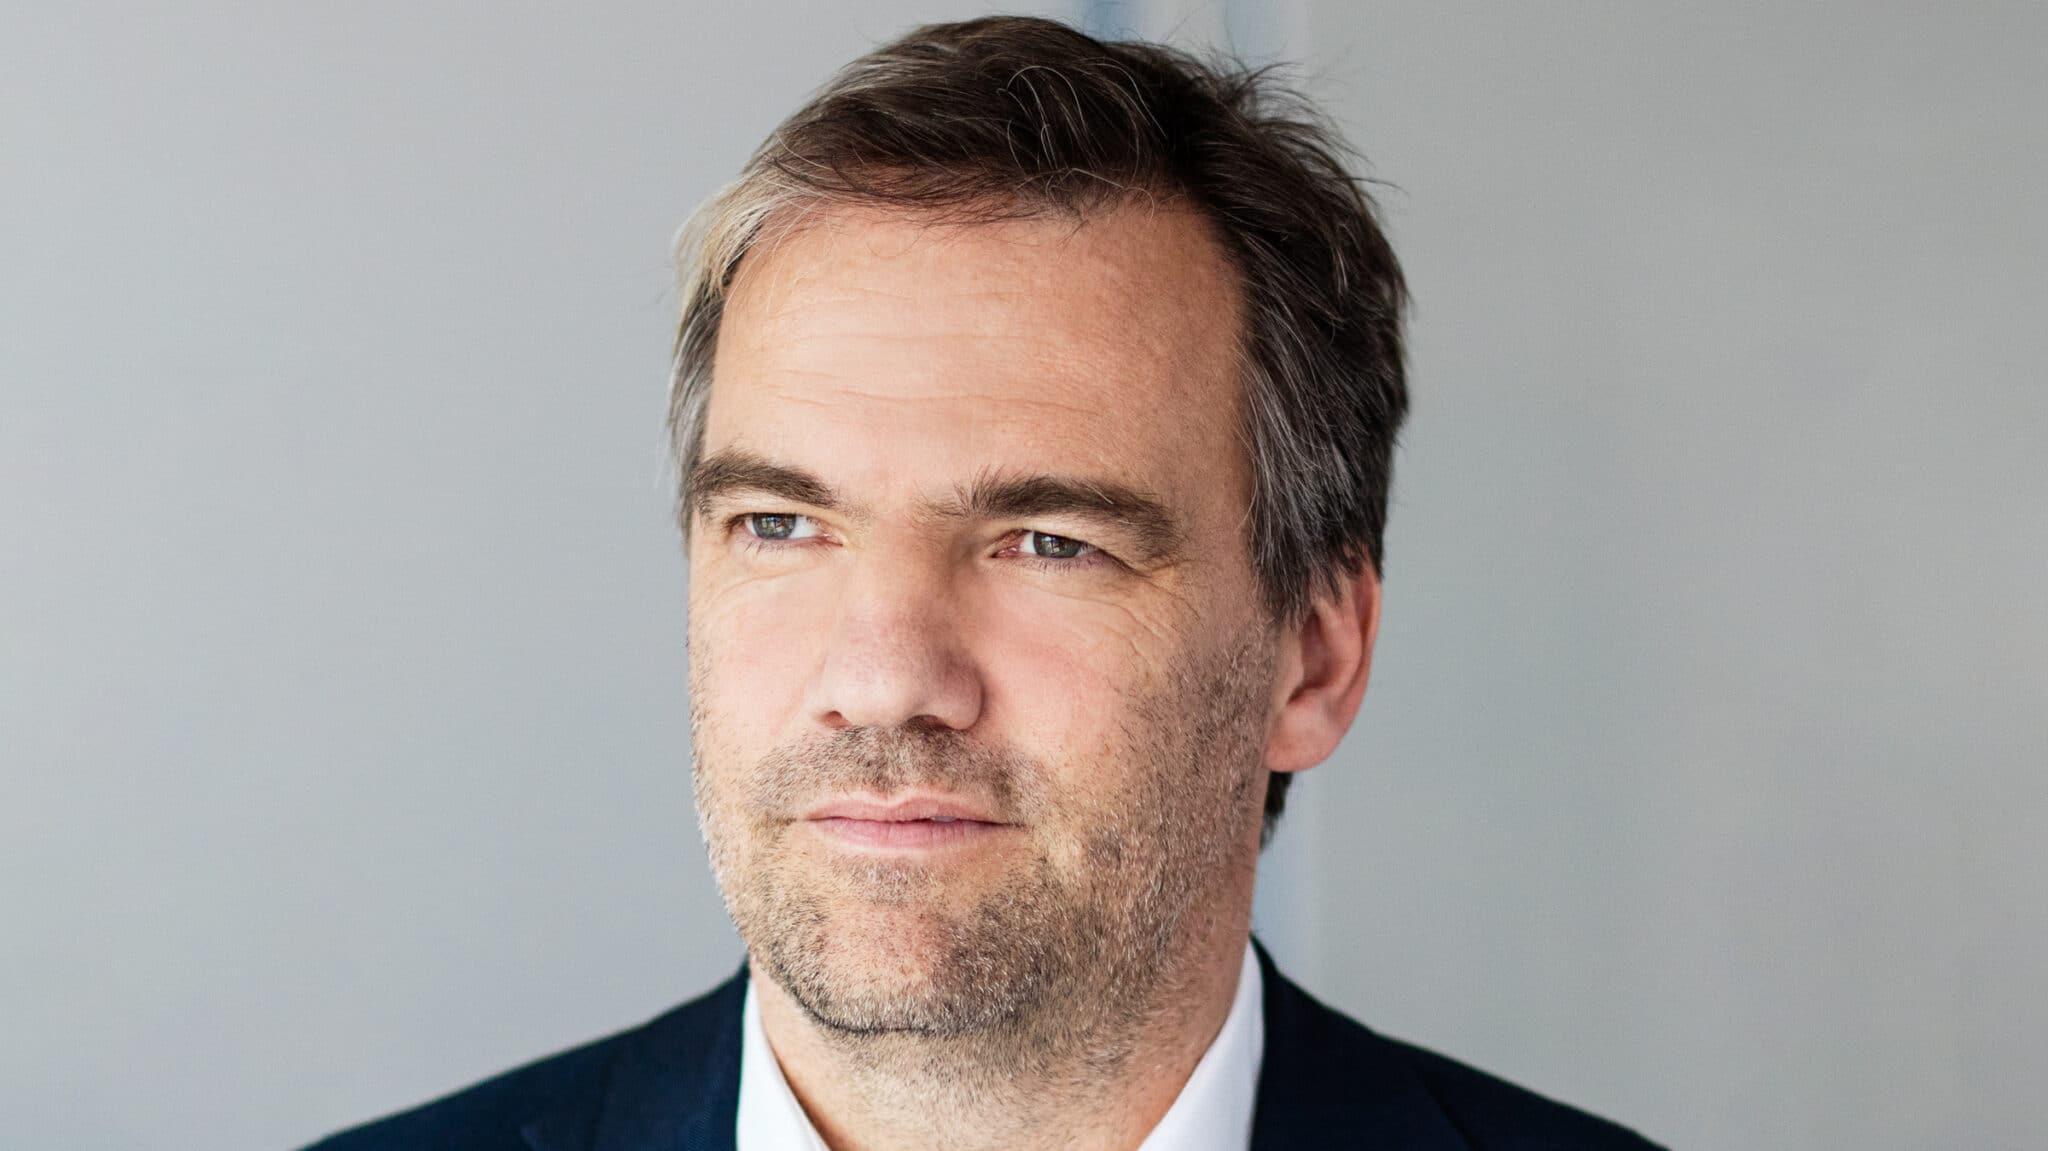 Stephan Noller Ubirch